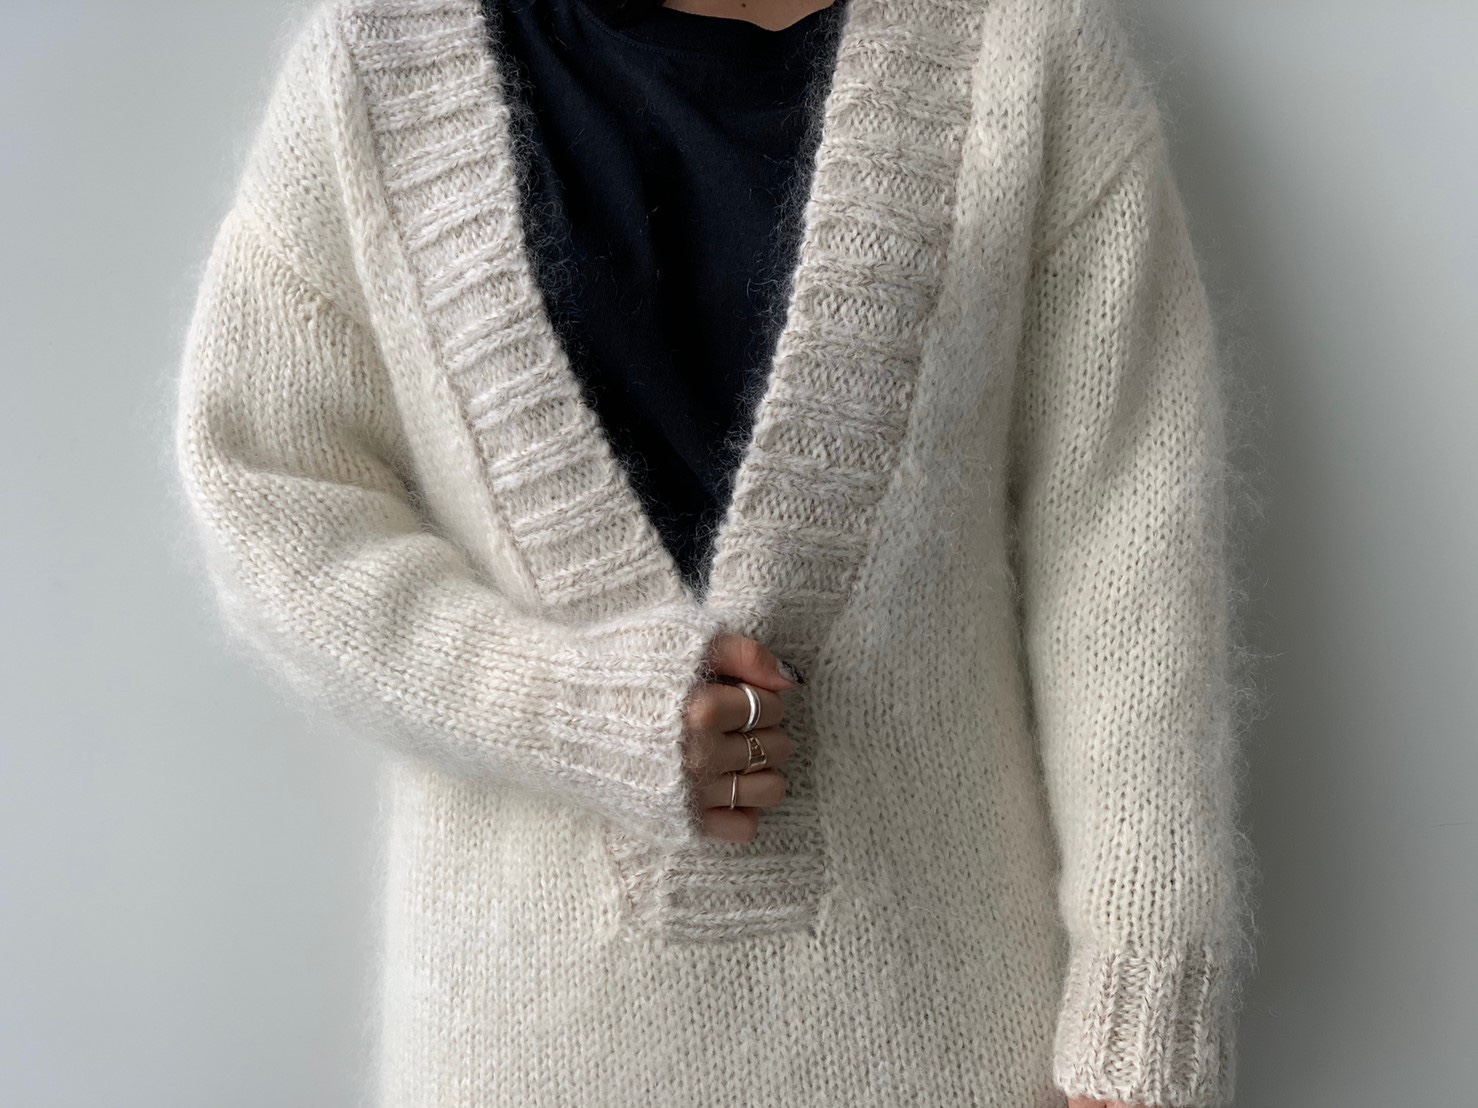 ScrapBook スクラップブック 有楽町 有楽町マルイ 5-knot ファイブノット Vネック セーター 白 可愛い カジュアル かっこいい きれい 暖かい すっきり 日本製 ラフ フェミニン